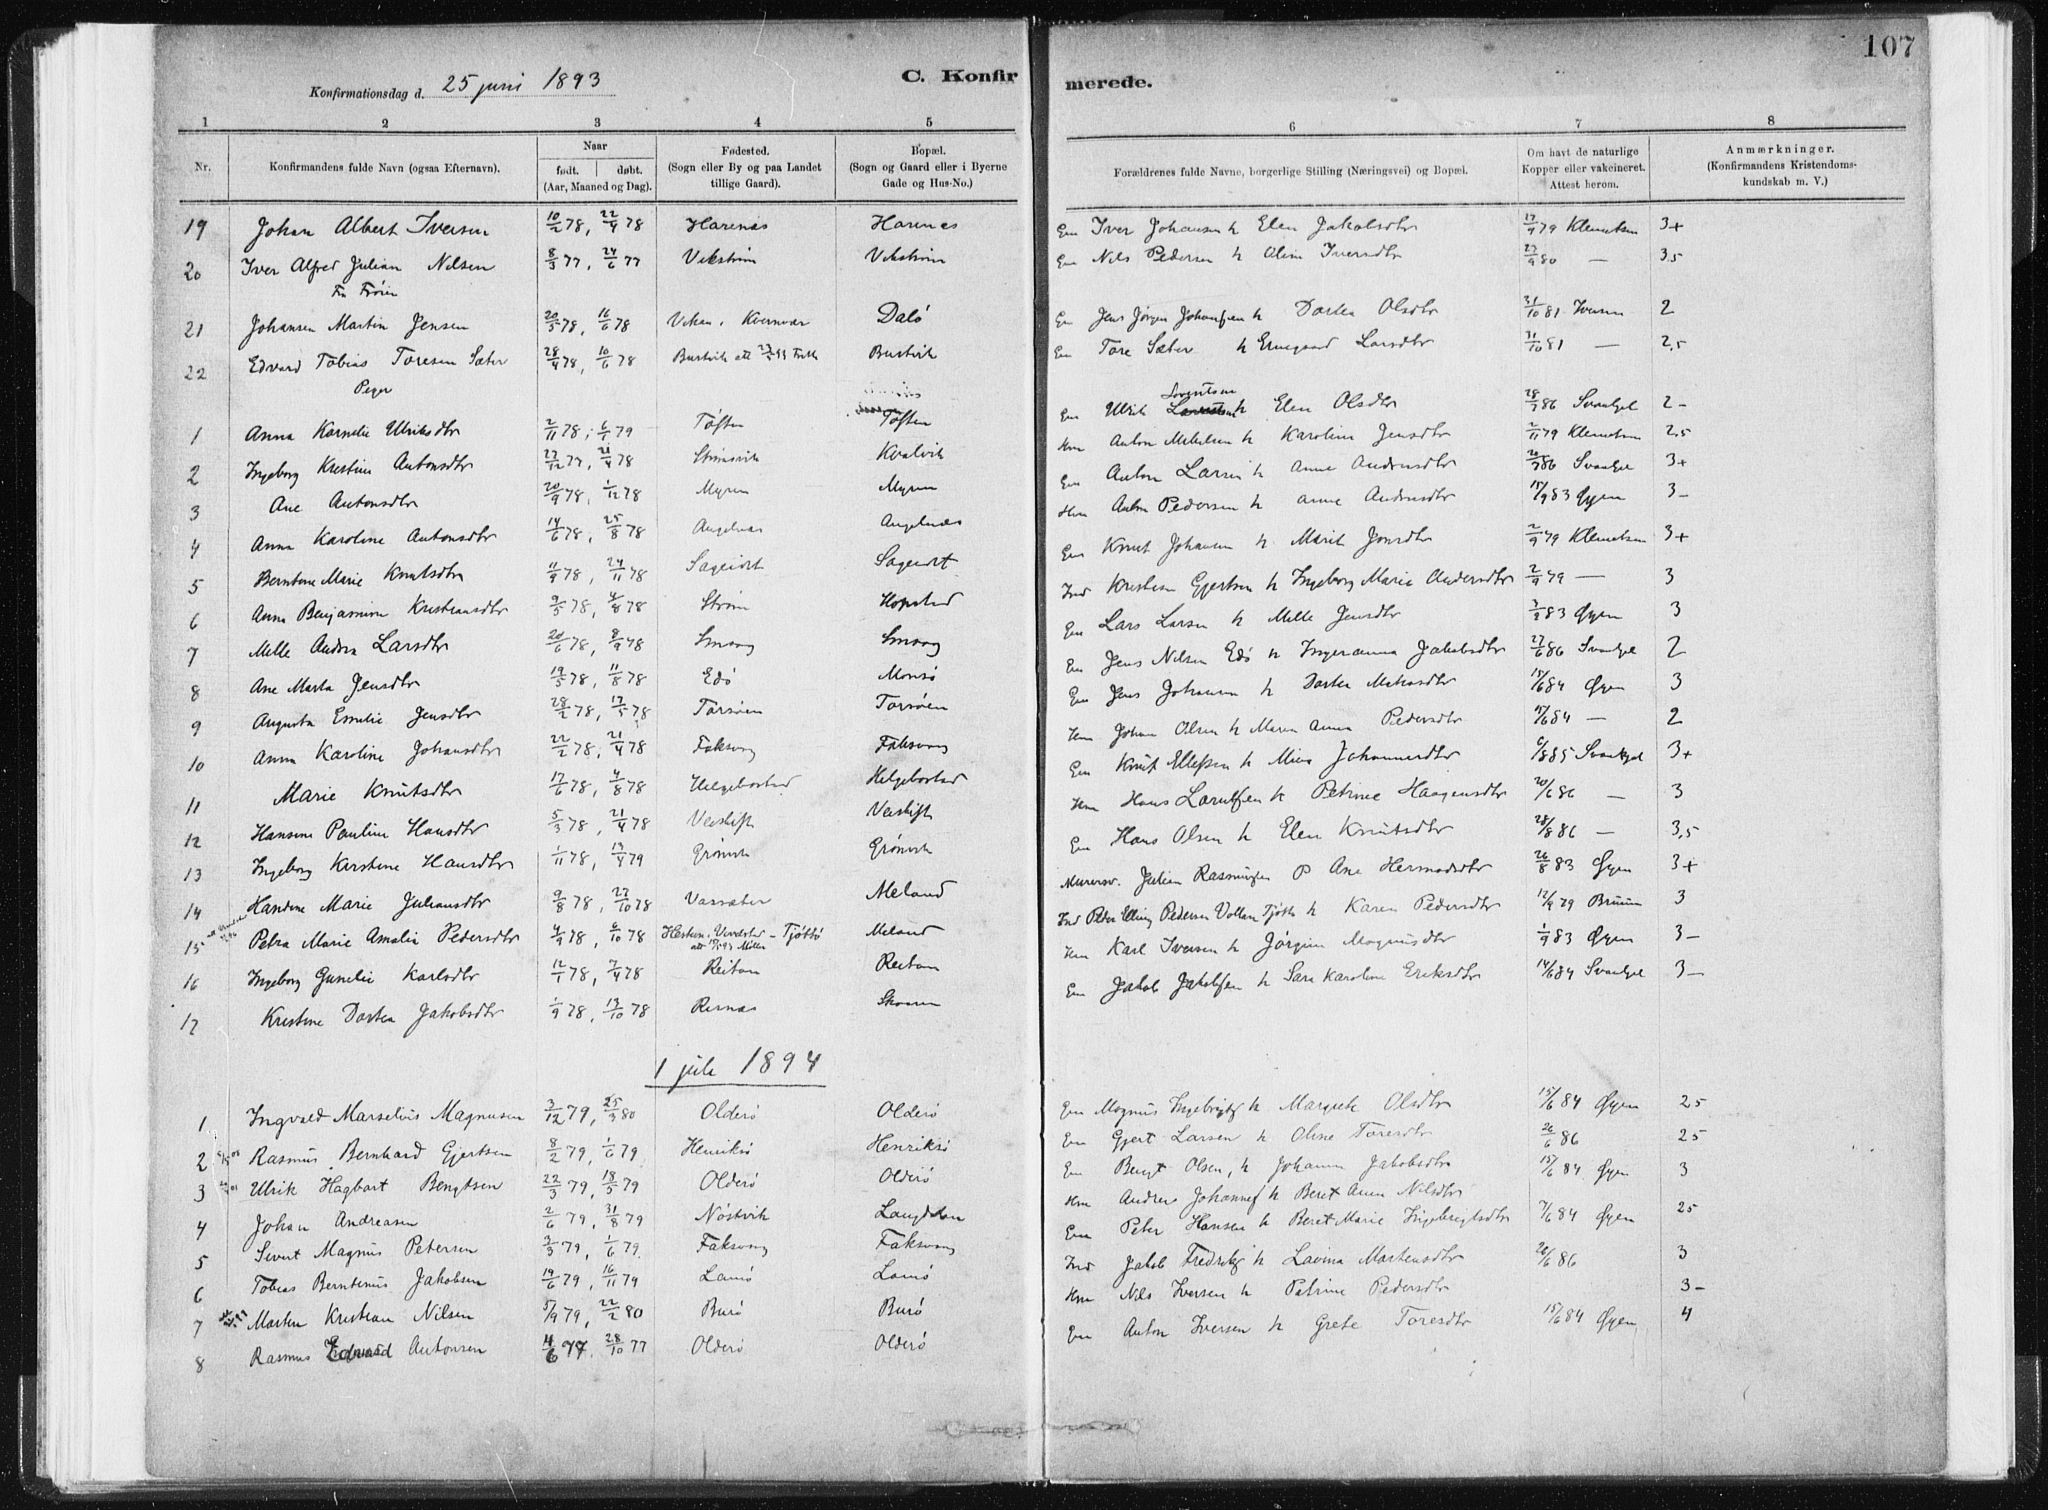 SAT, Ministerialprotokoller, klokkerbøker og fødselsregistre - Sør-Trøndelag, 634/L0533: Ministerialbok nr. 634A09, 1882-1901, s. 107